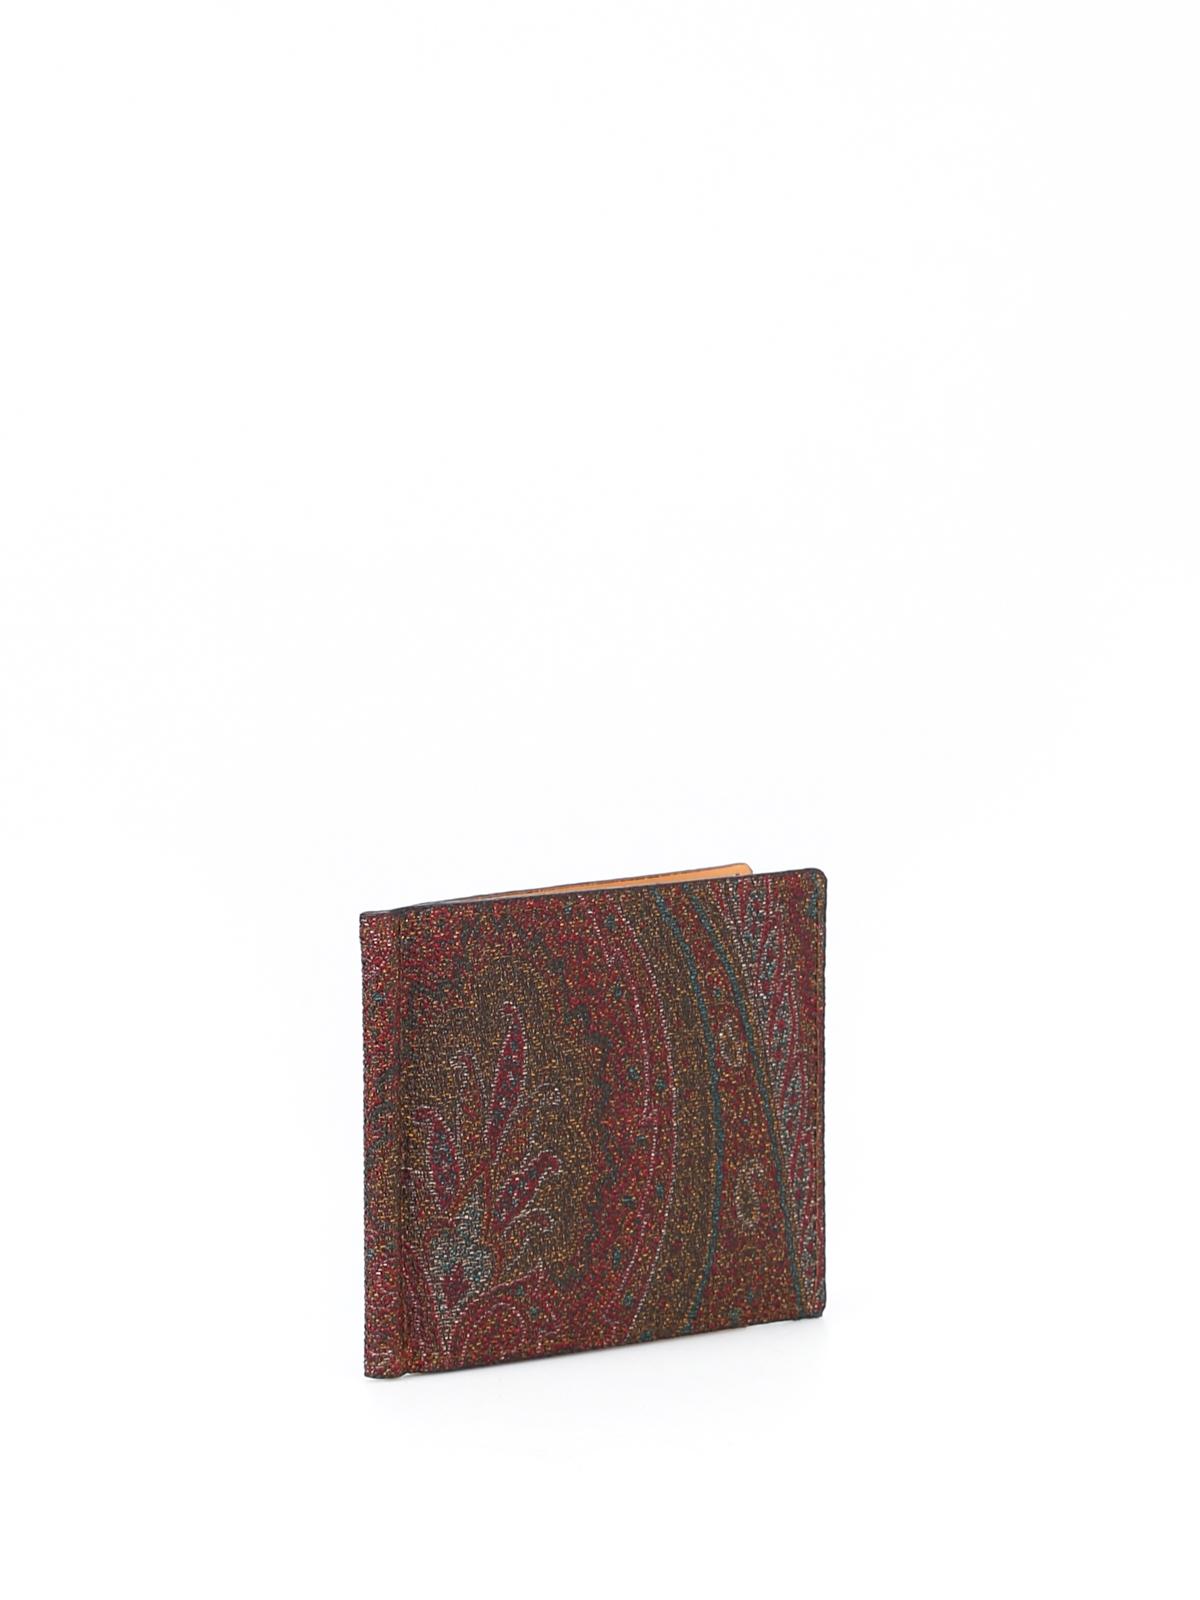 online store 37eb4 e2a0a Etro - Portafoglio in Paisley con clip - portafogli ...